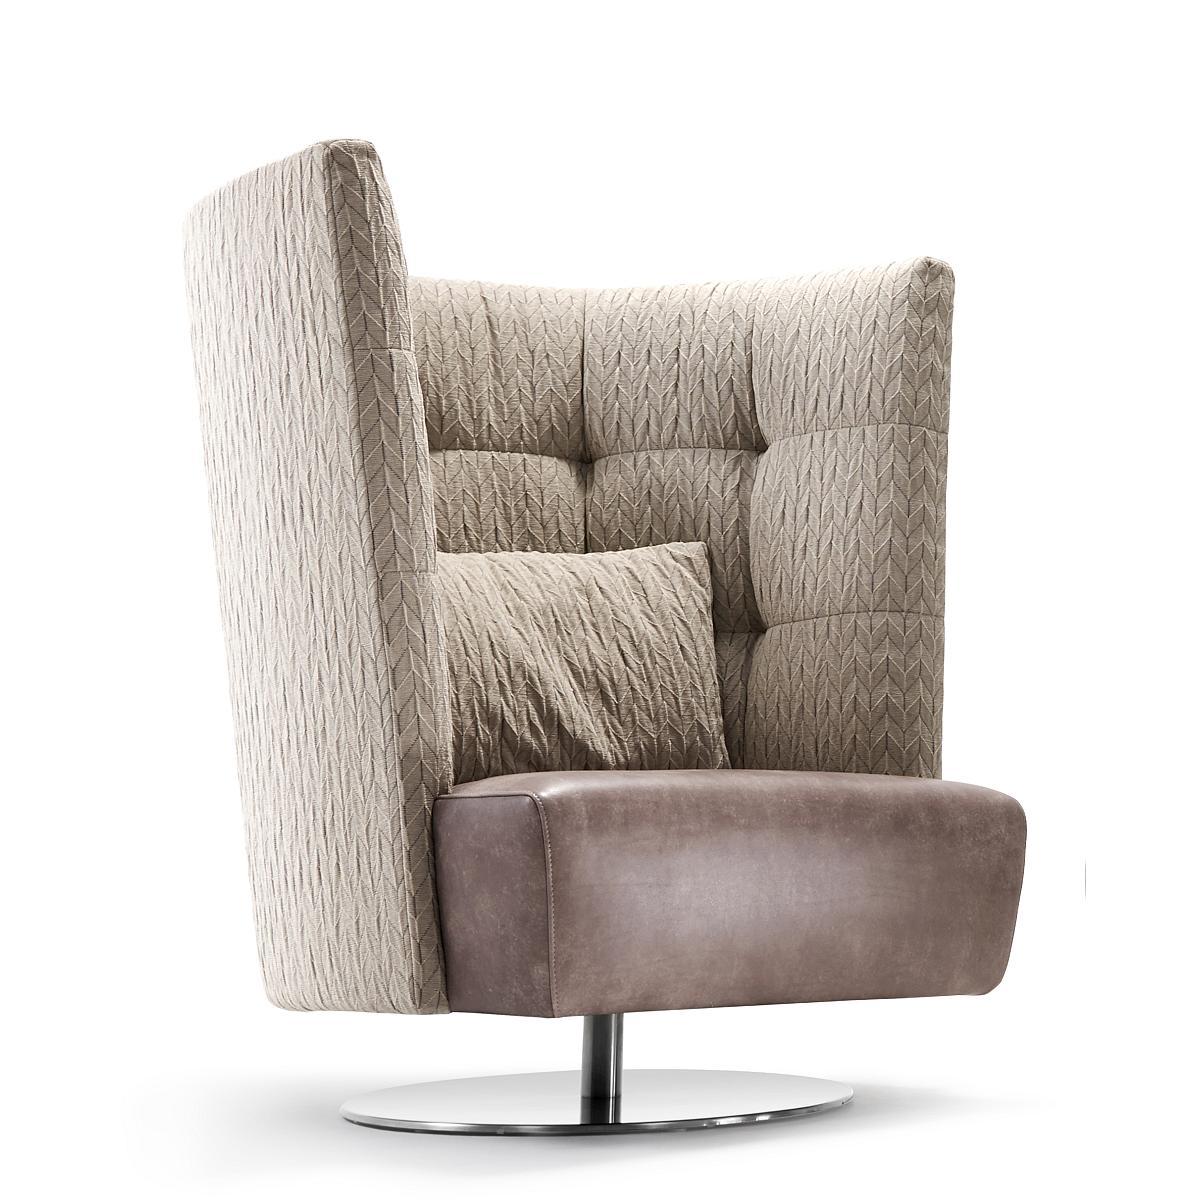 MATHEO Sessel hoch Rückseite und Innenseite in ORIGAMI, Sitz in Leder NAMIBIA